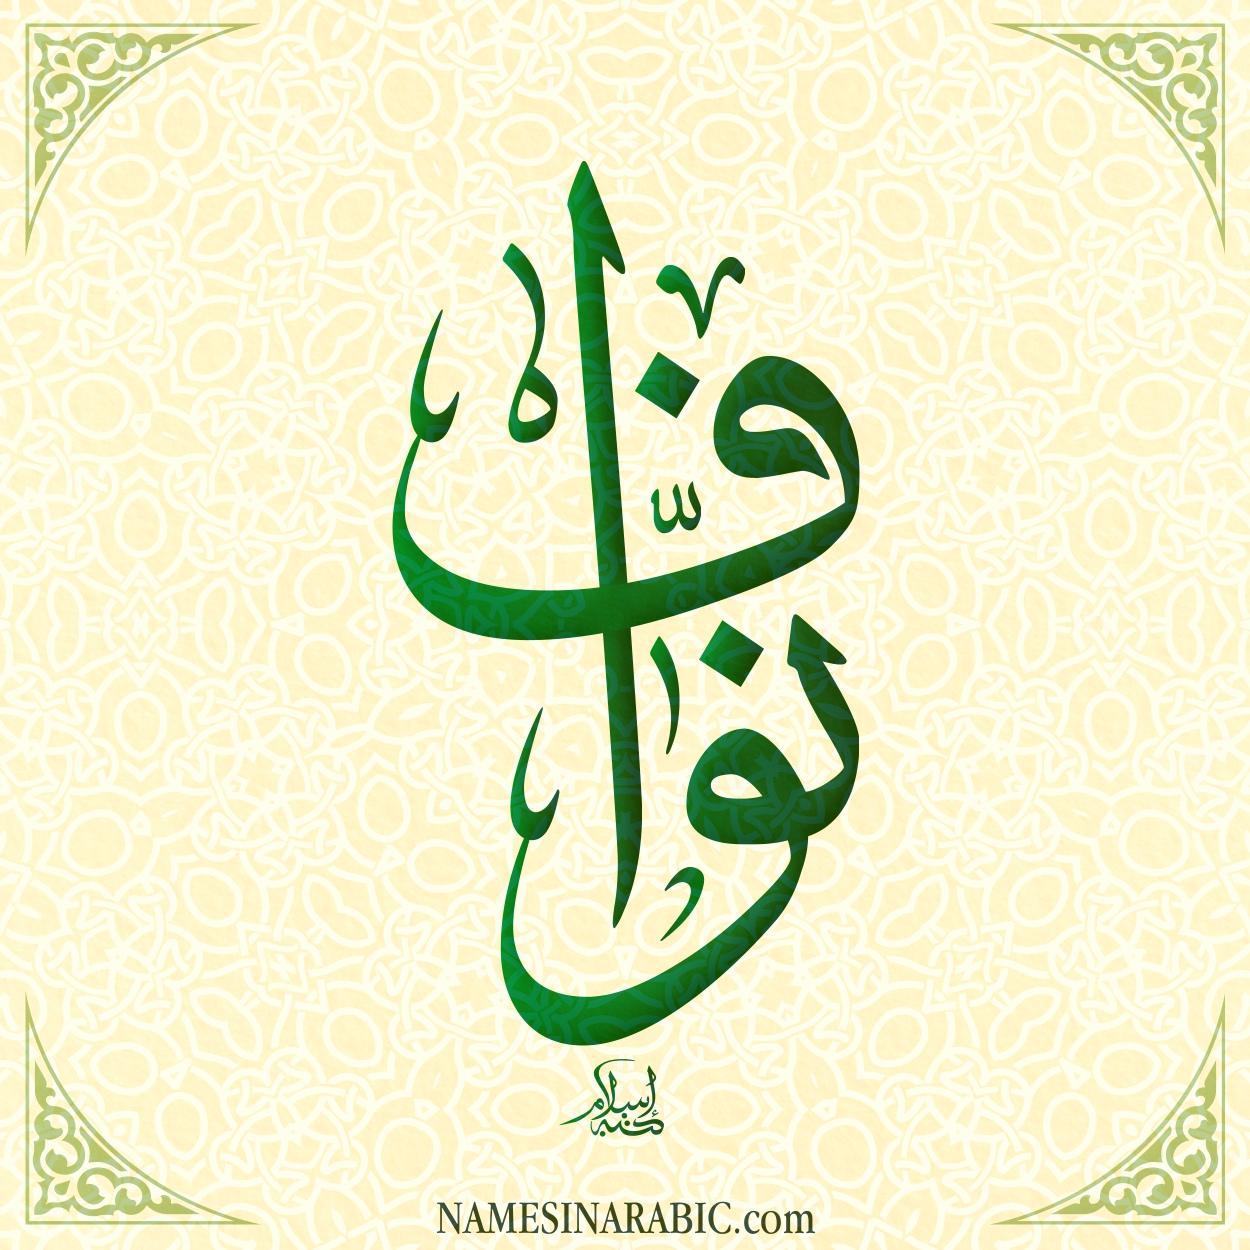 صورة اسم نواف Nwaf اسم نواف بالخط العربي من موقع الأسماء بالخط العربي بريشة الفنان إسلام ابن الفضل